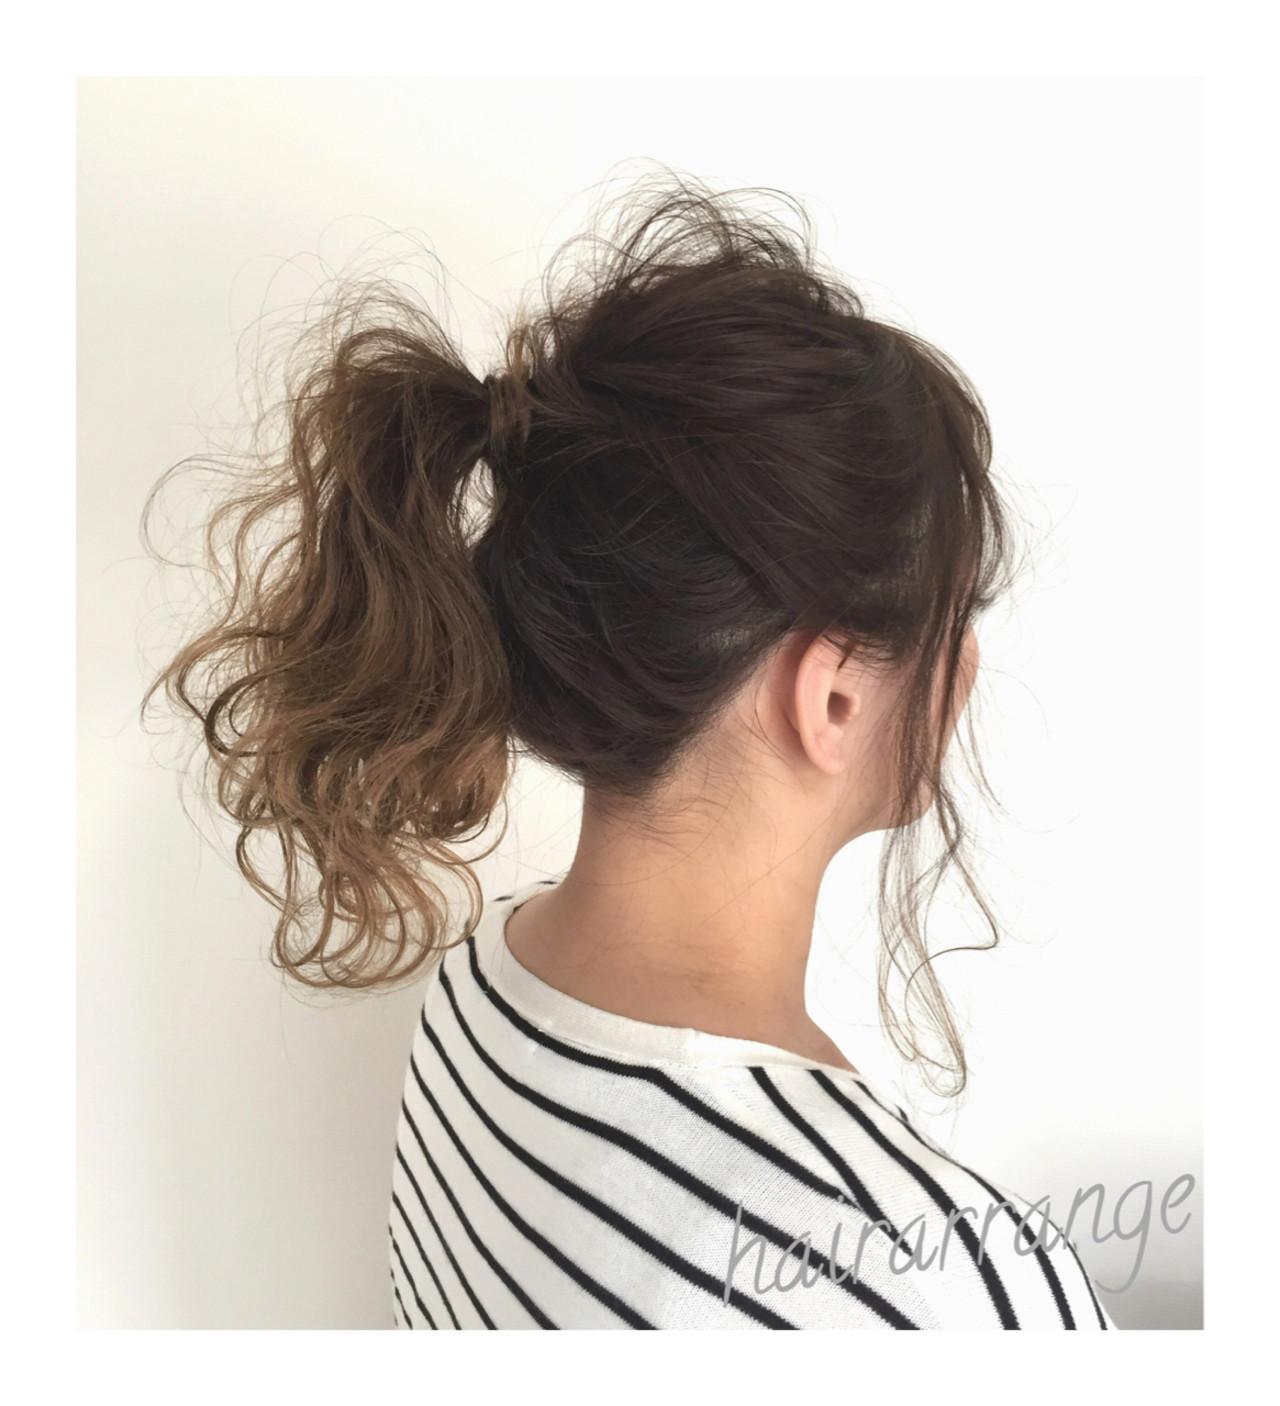 セミロング ポニーテール イルミナカラー ナチュラル ヘアスタイルや髪型の写真・画像